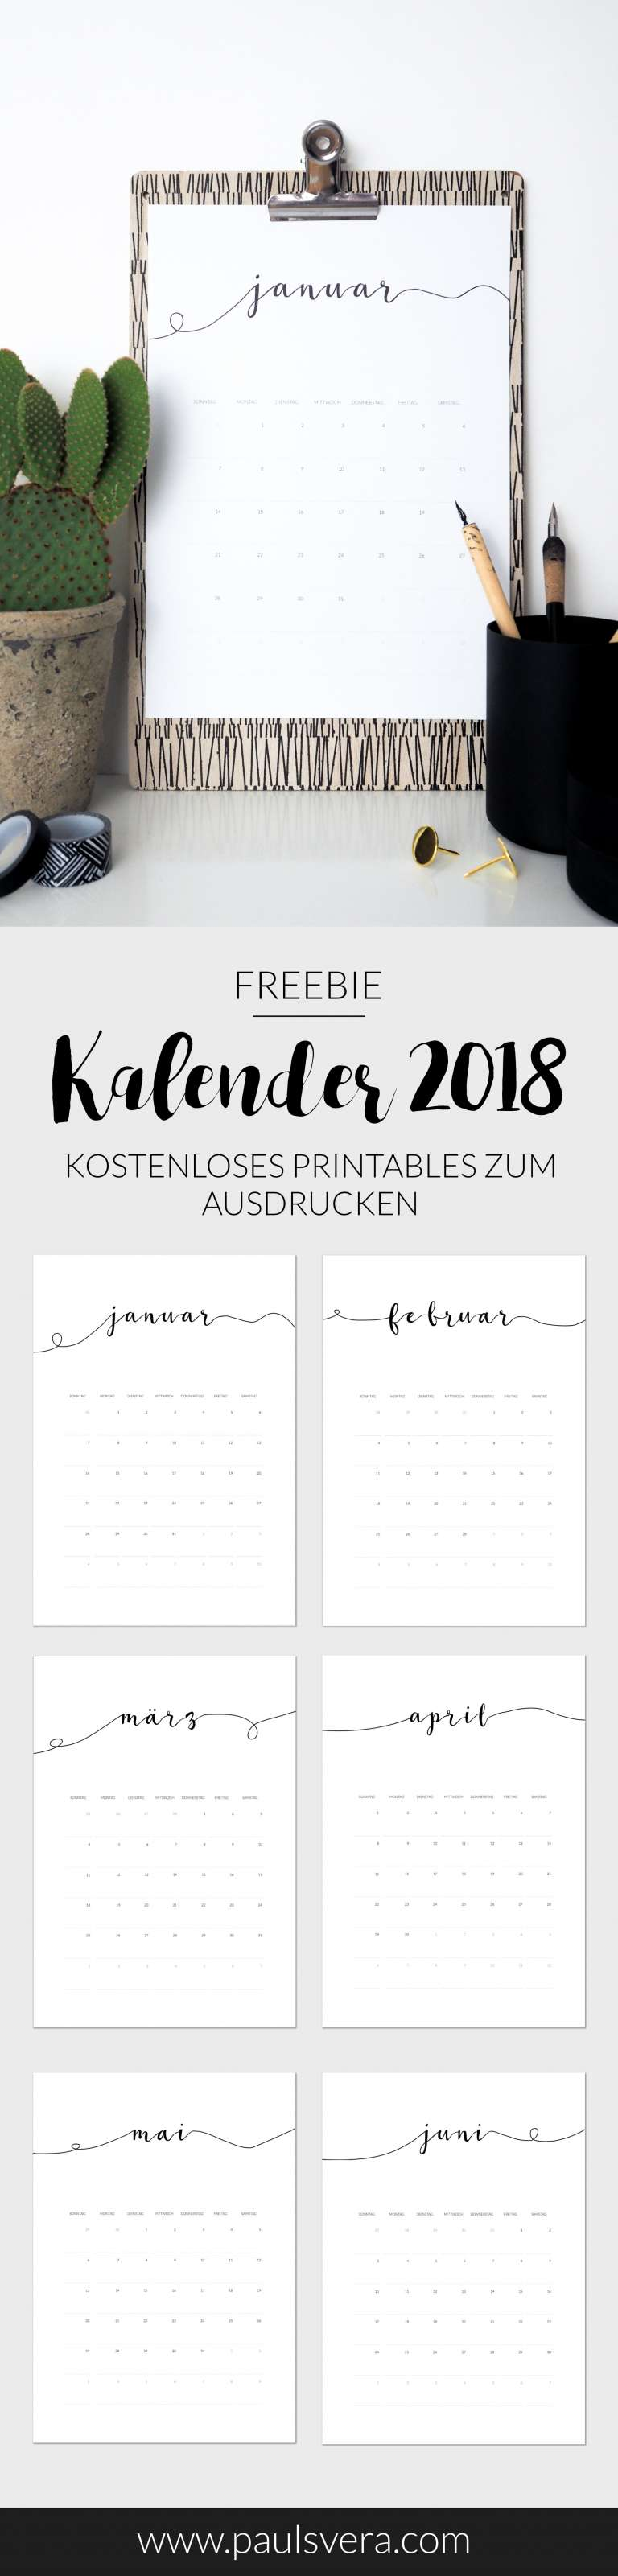 Minimalister Kalender 2018 zum Ausdrucken als free download printables kostenloses freebie